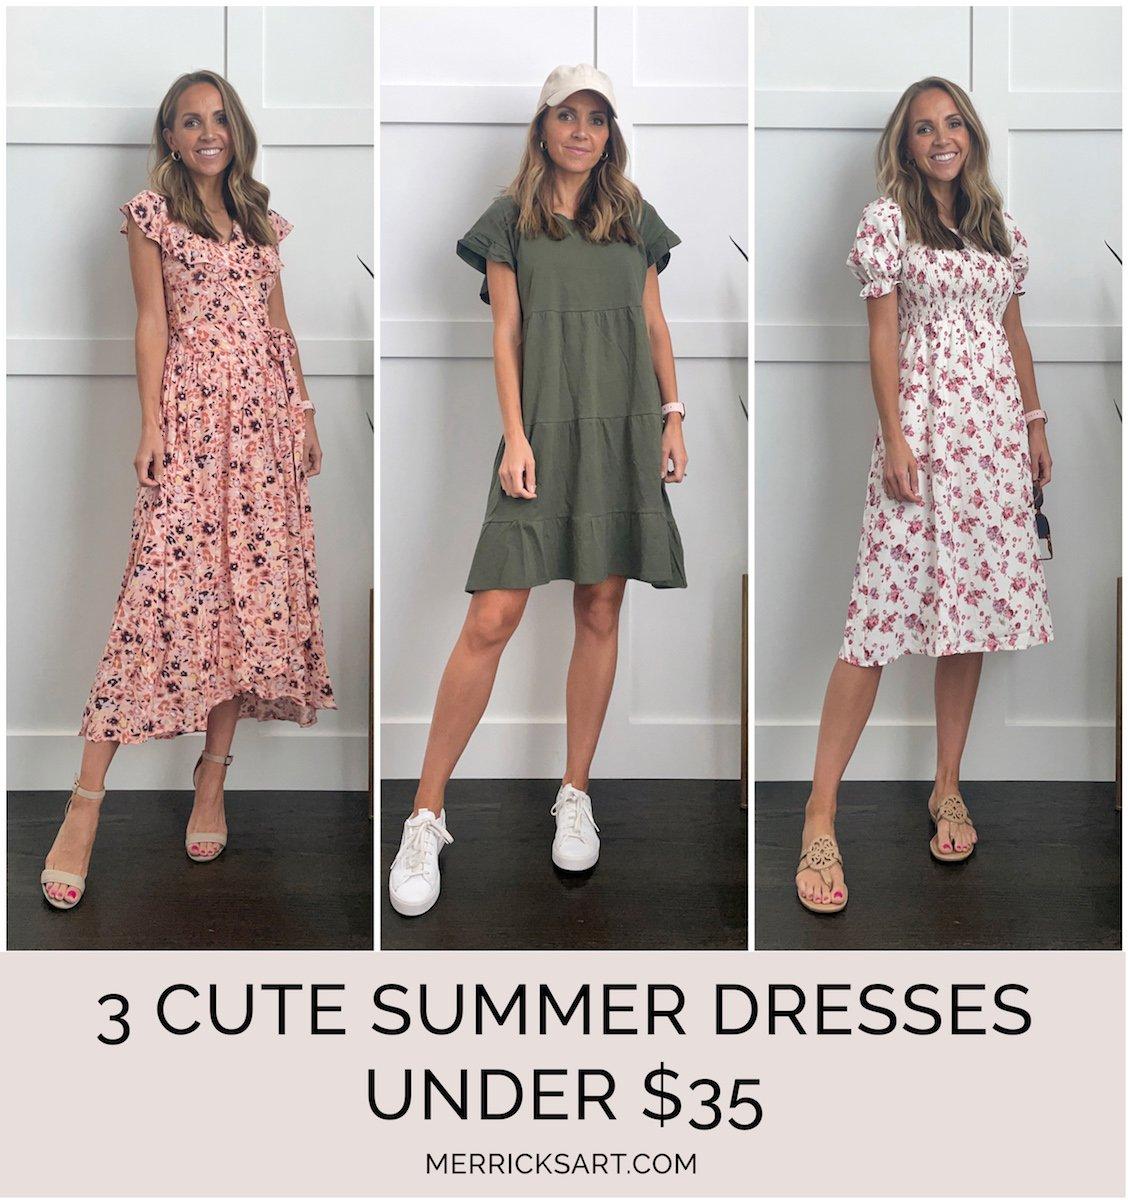 walmart dresses under $35